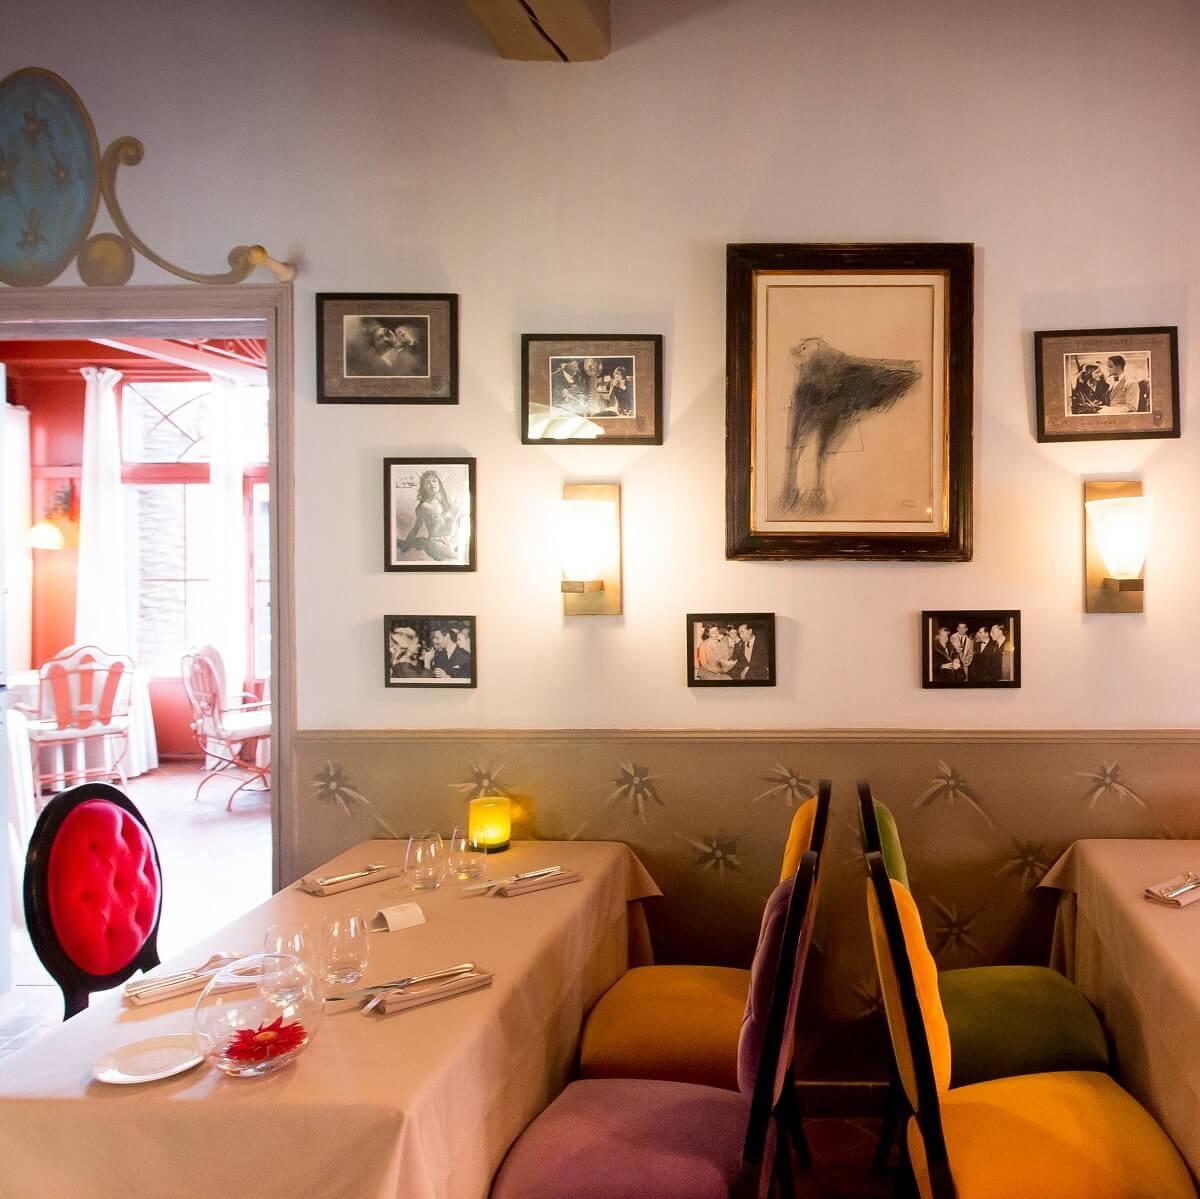 Restaurant - Hôtel La Signoria - Calvi - Corse du sud